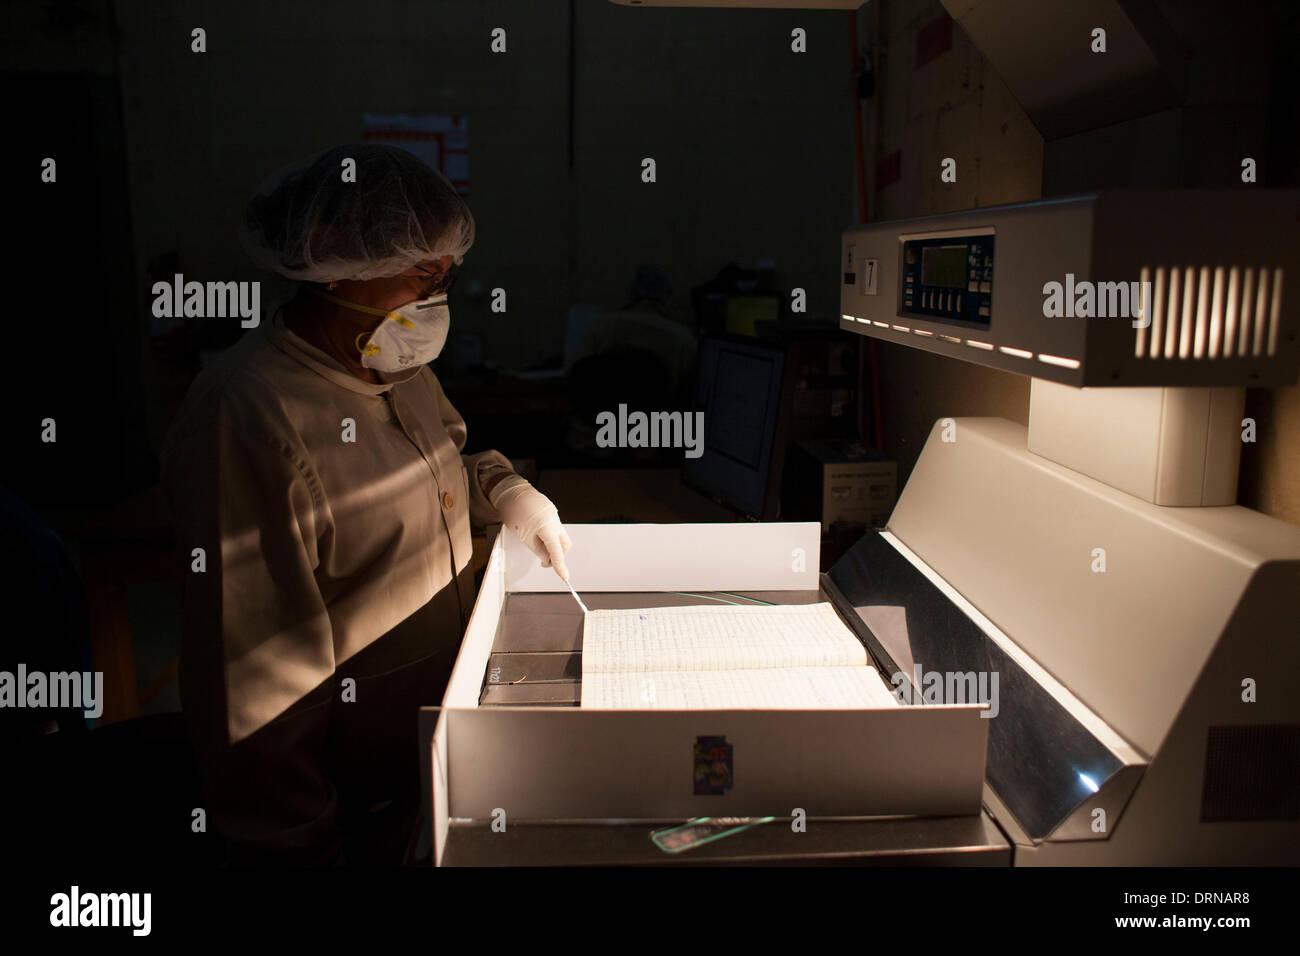 (140130) -- Città del Guatemala, Gennaio 30, 2014 (Xinhua) -- Un lavoratore digitalizza documenti presso l'Archivio Storico della polizia nazionale (AHPN, per il suo acronimo in spagnolo), a Città del Guatemala, capitale del Guatemala, il 29 gennaio, 2014. Il AHPN è stato trovato per caso su 2005 in un vecchio deposito di esplosivi della nazionale di deposito civile (PNC). L'archivio possiede circa 80 milioni di fogli che coprono un intervallo di date da 1881 a 1997, quando la polizia nazionale ha cessato di esistere e il PNC è venuto a essere. I documenti hanno rivelato il modo in cui la polizia nazionale ha operato durante il conflitto armato in Guatemala (19 Immagini Stock